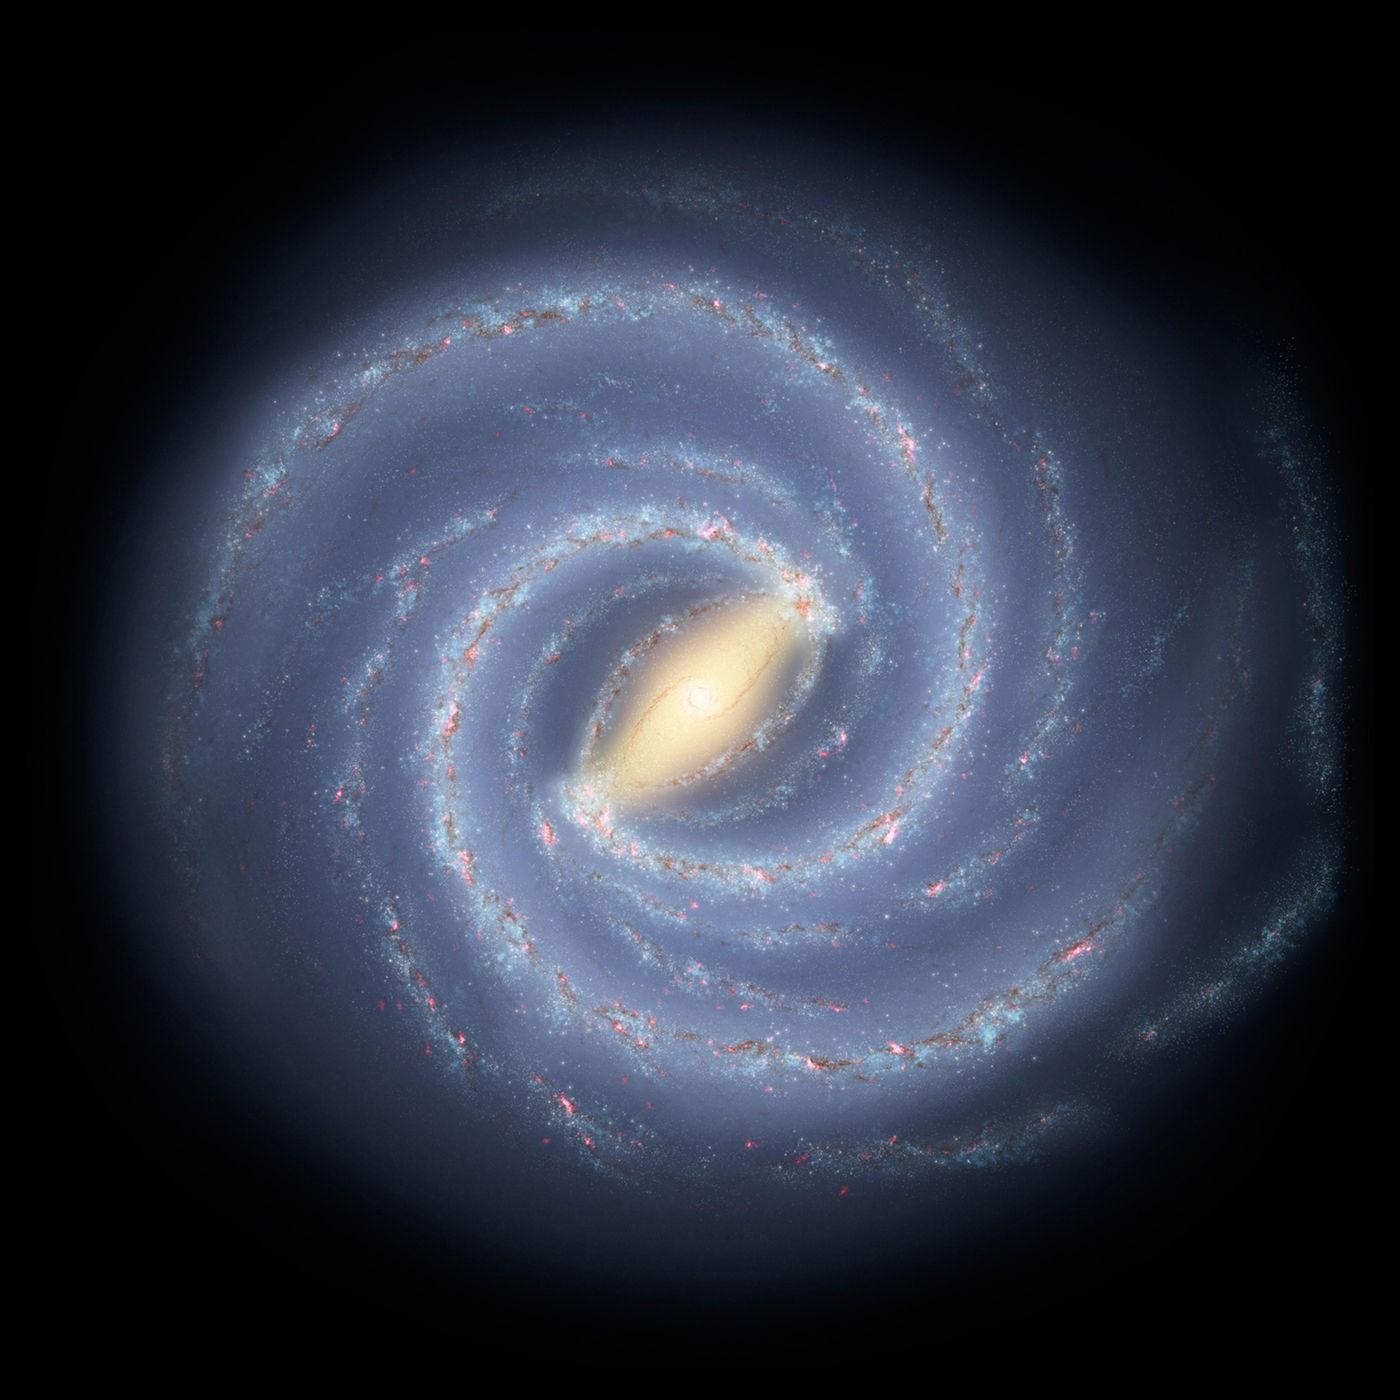 Representação da Via Láctea, com seus quatro grandes braços espirais (Foto: NASA/JPL-CALTECH)